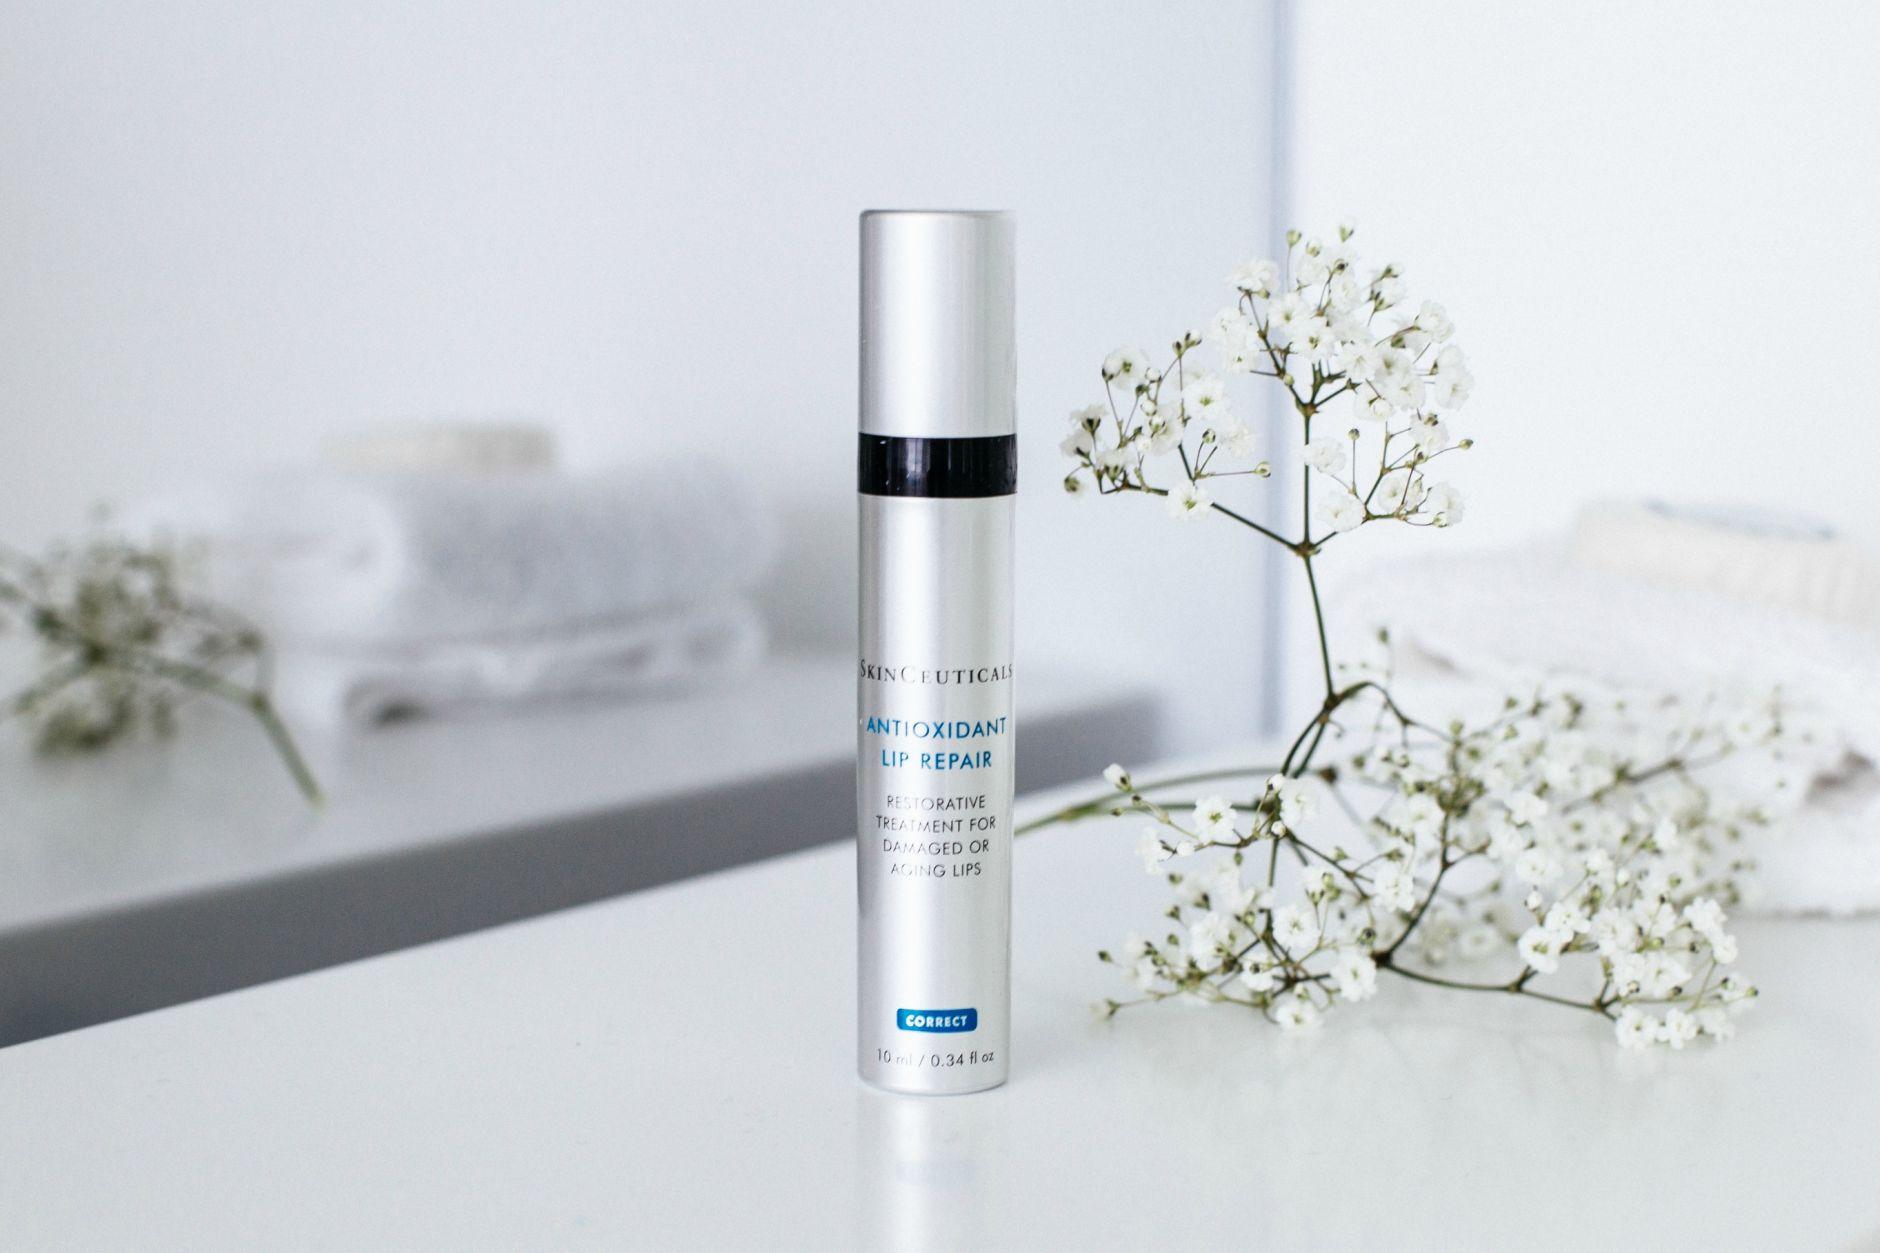 SkinCeuticals-Antioxidant-Lip-Repair-Disi-Couture